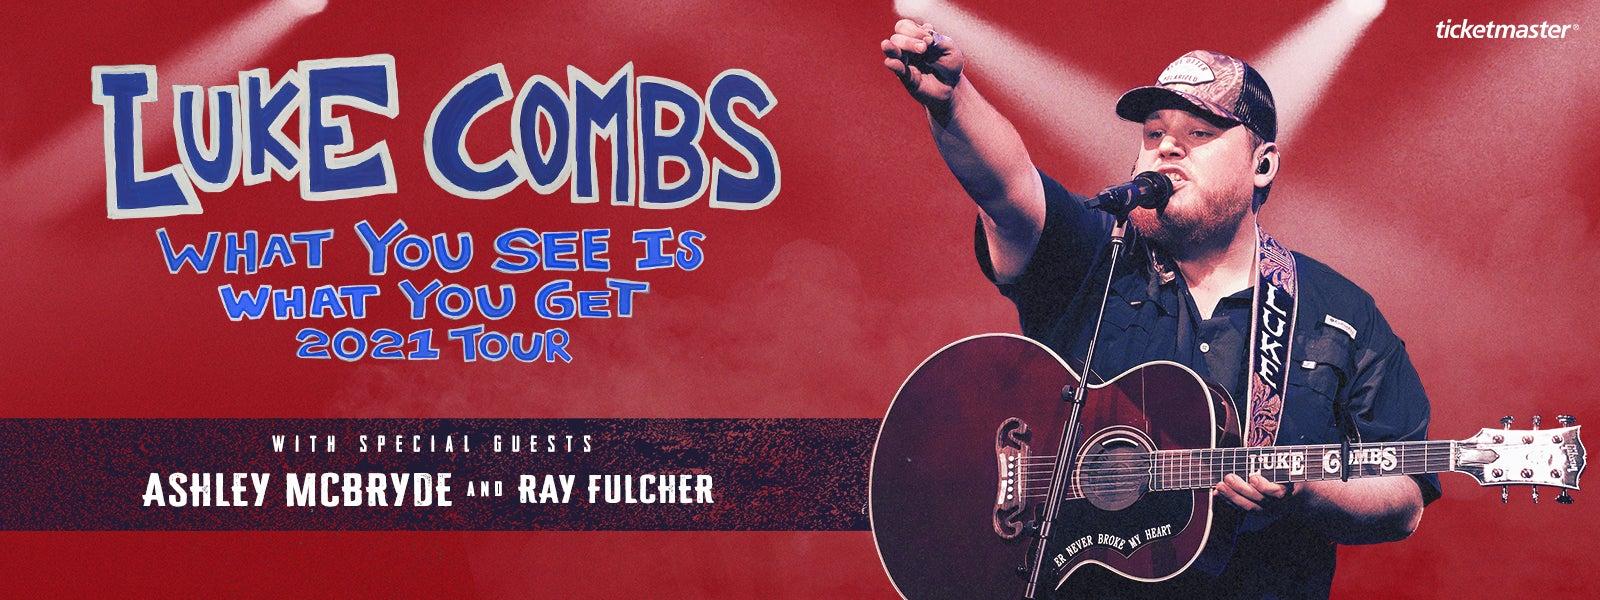 Luke Combs - Rescheduled